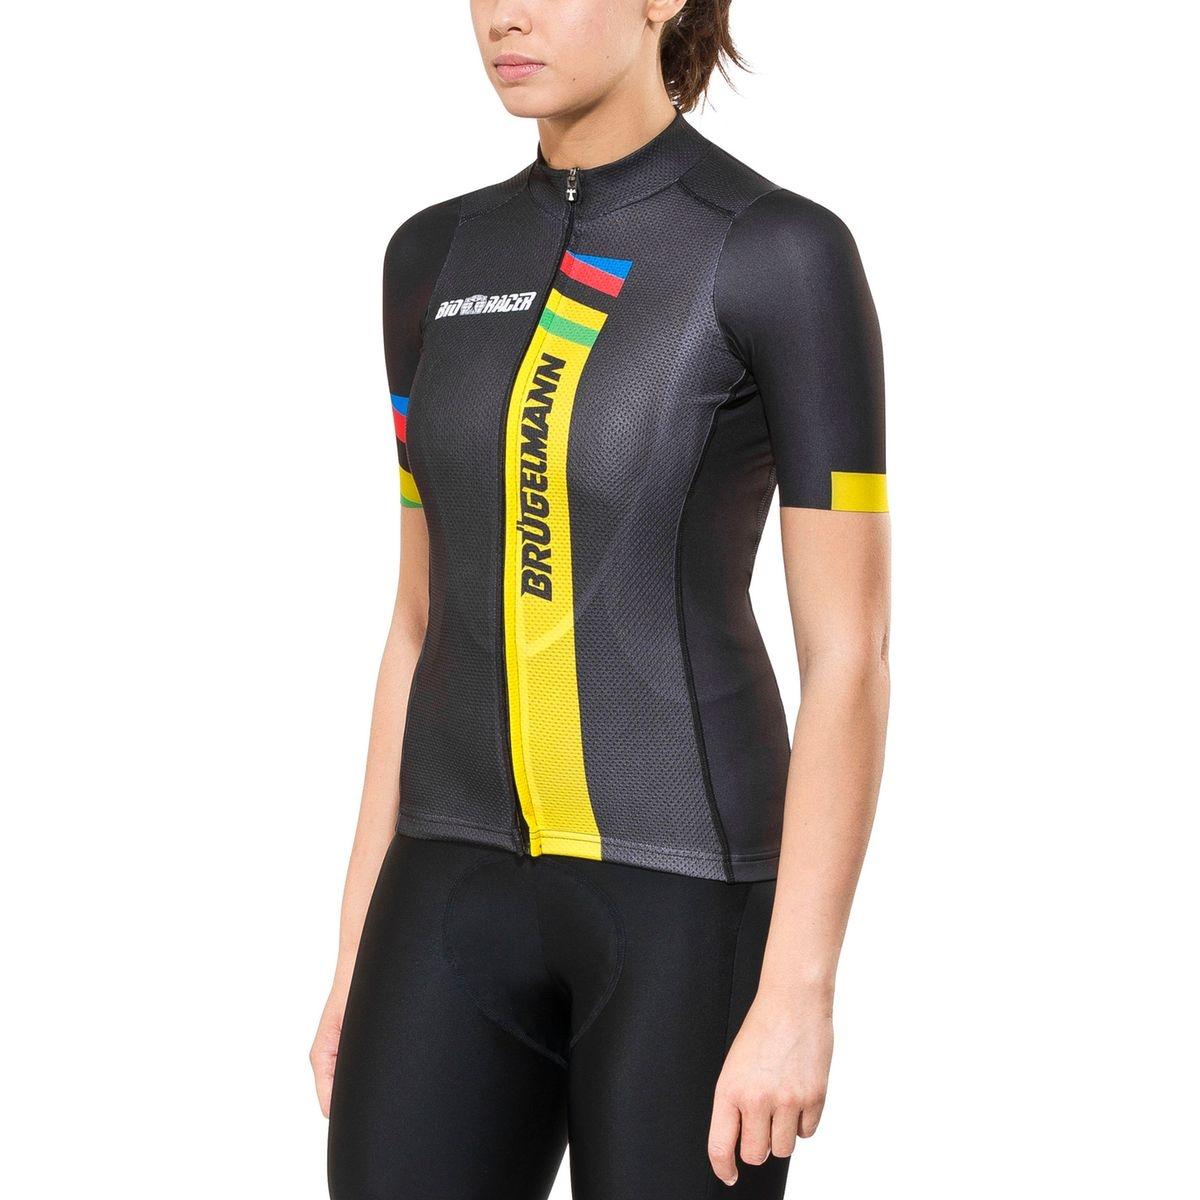 Bioracer Pro Race - Maillot manches courtes Femme - noir